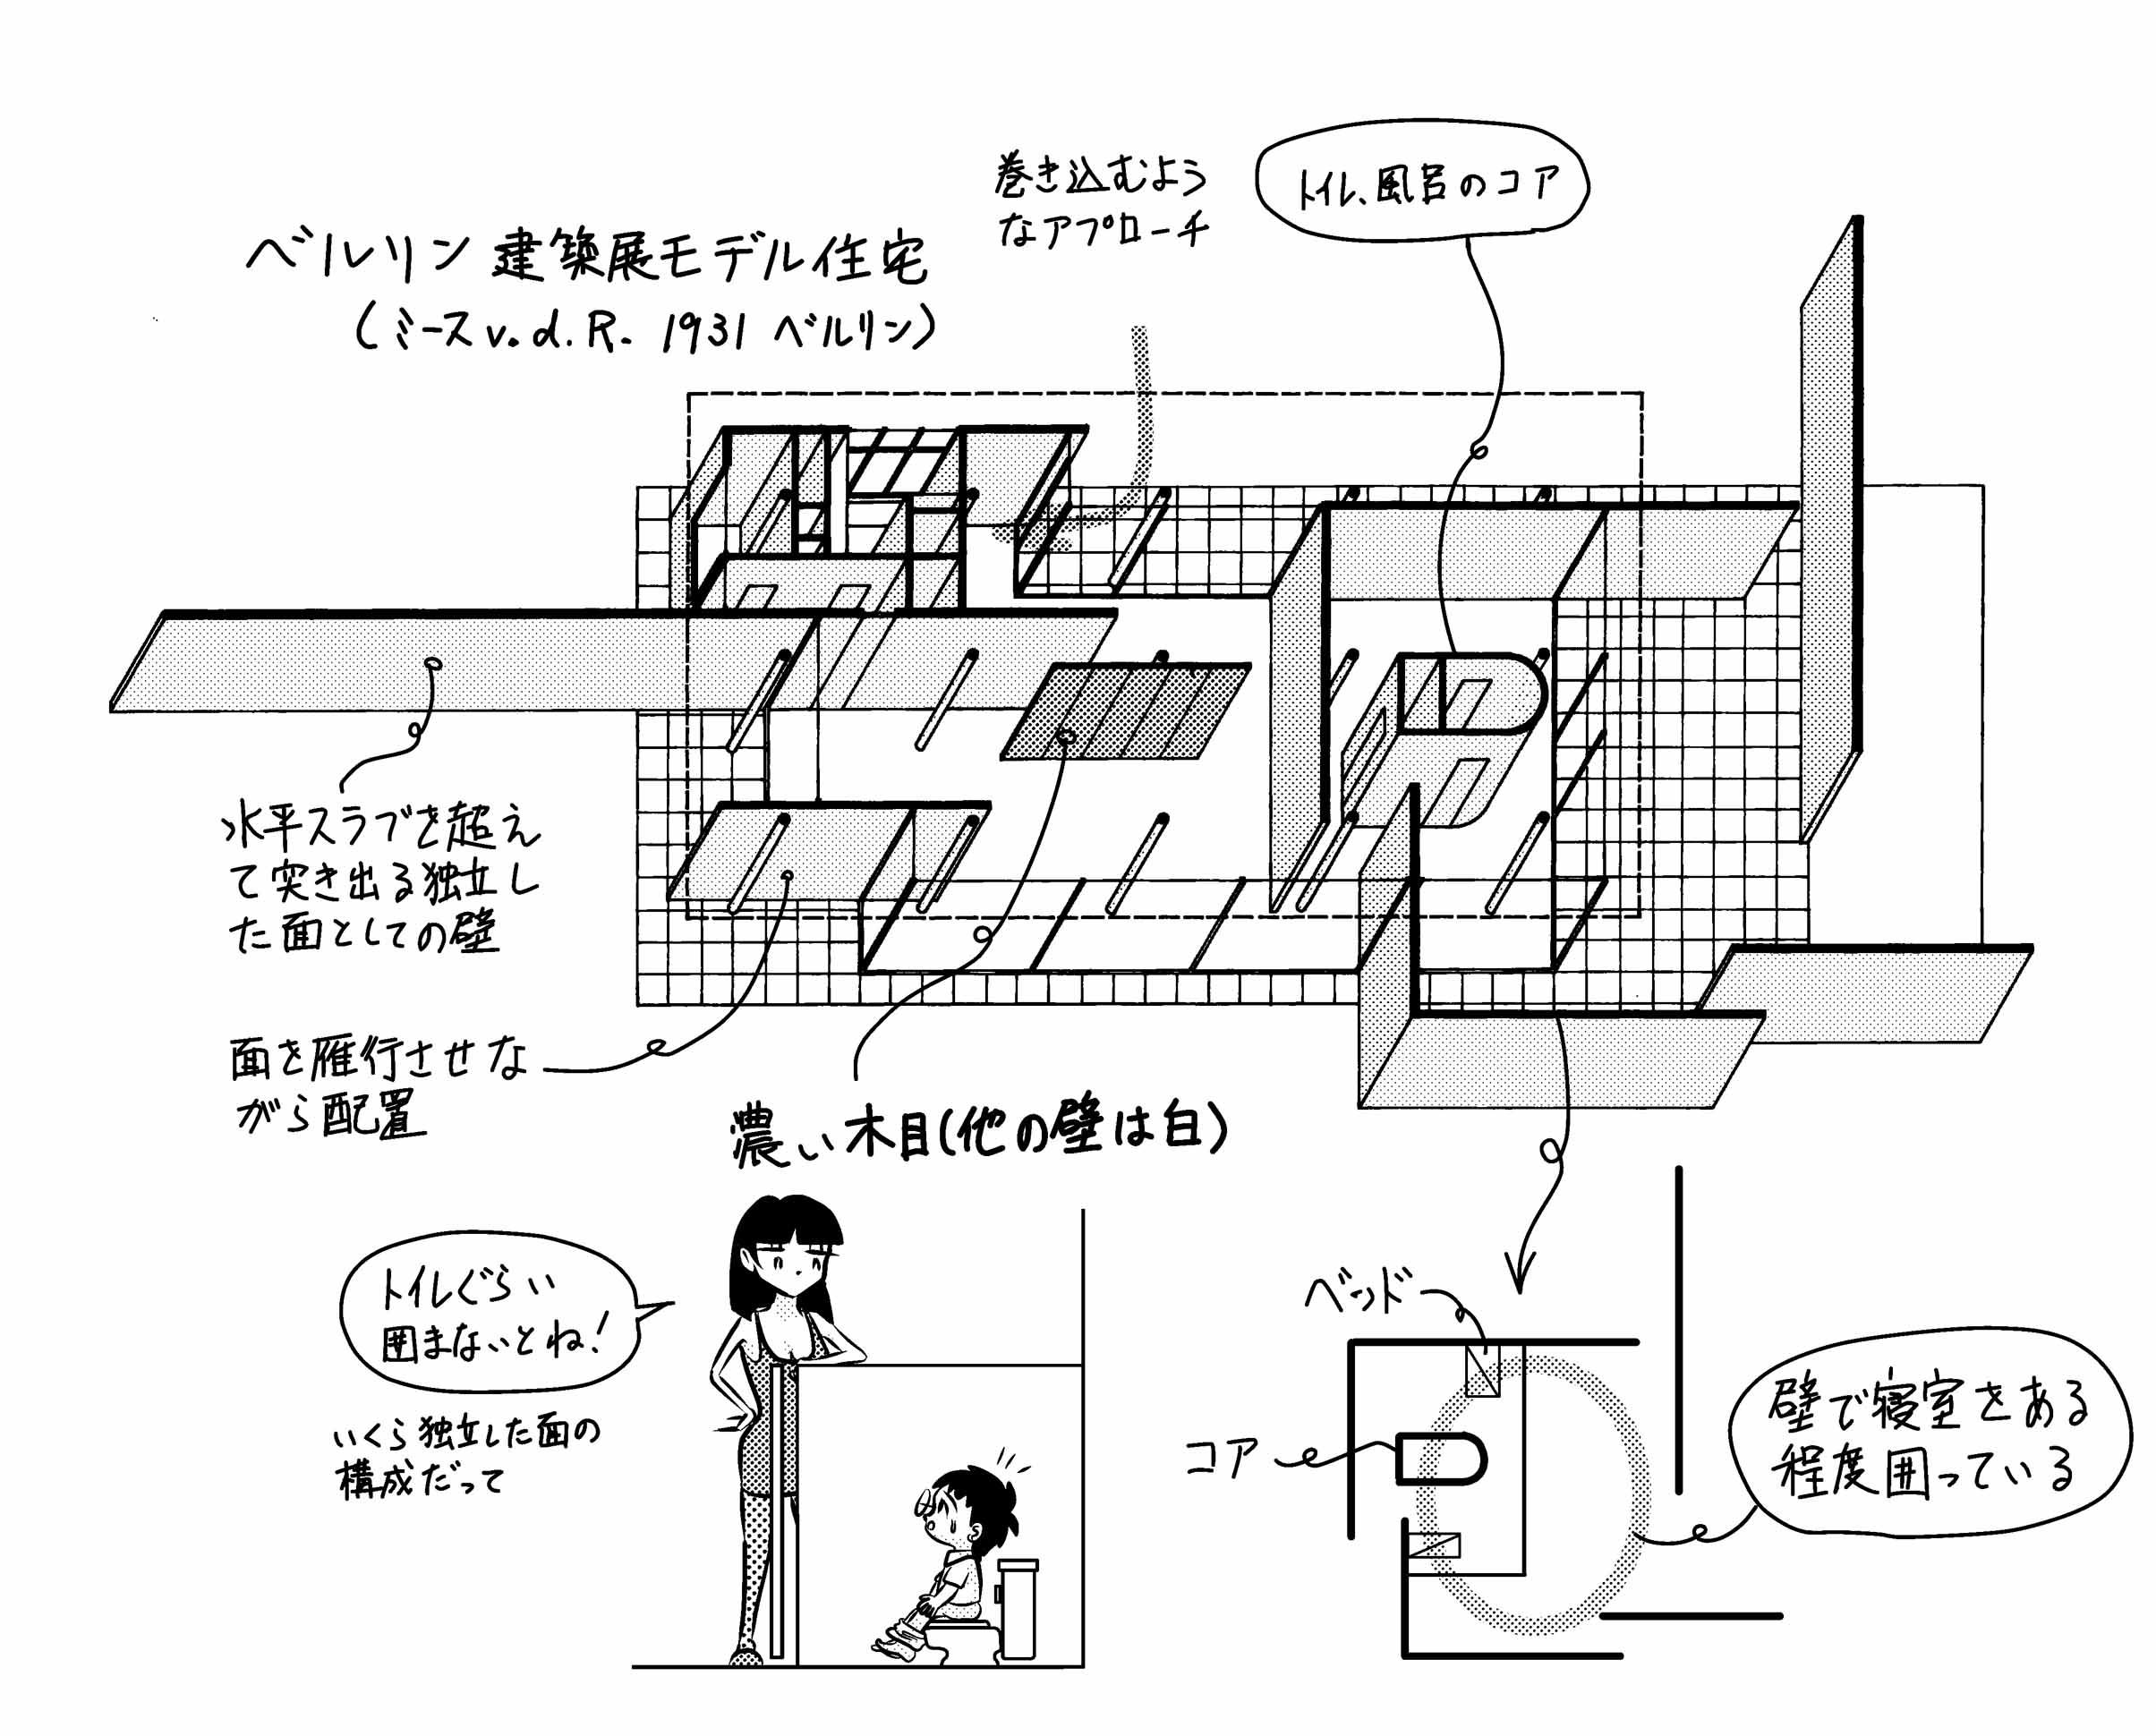 住宅のコア ミースのベルリン建築展モデル住宅 1931 原口秀昭原田